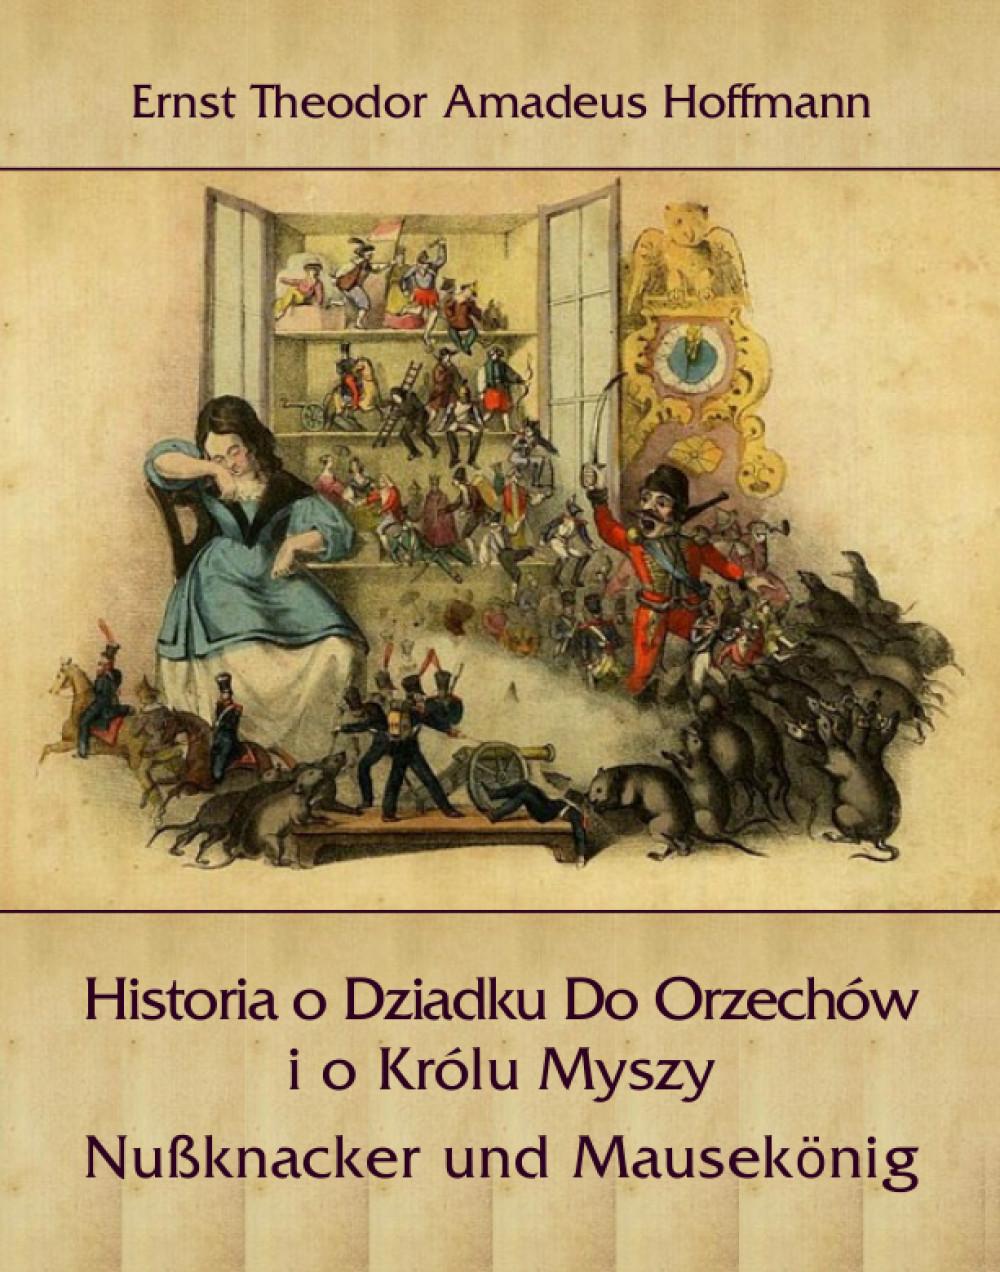 Historia o Dziadku Do Orzechów i o Królu Myszy - Nußknacker und Mausekönig ebook